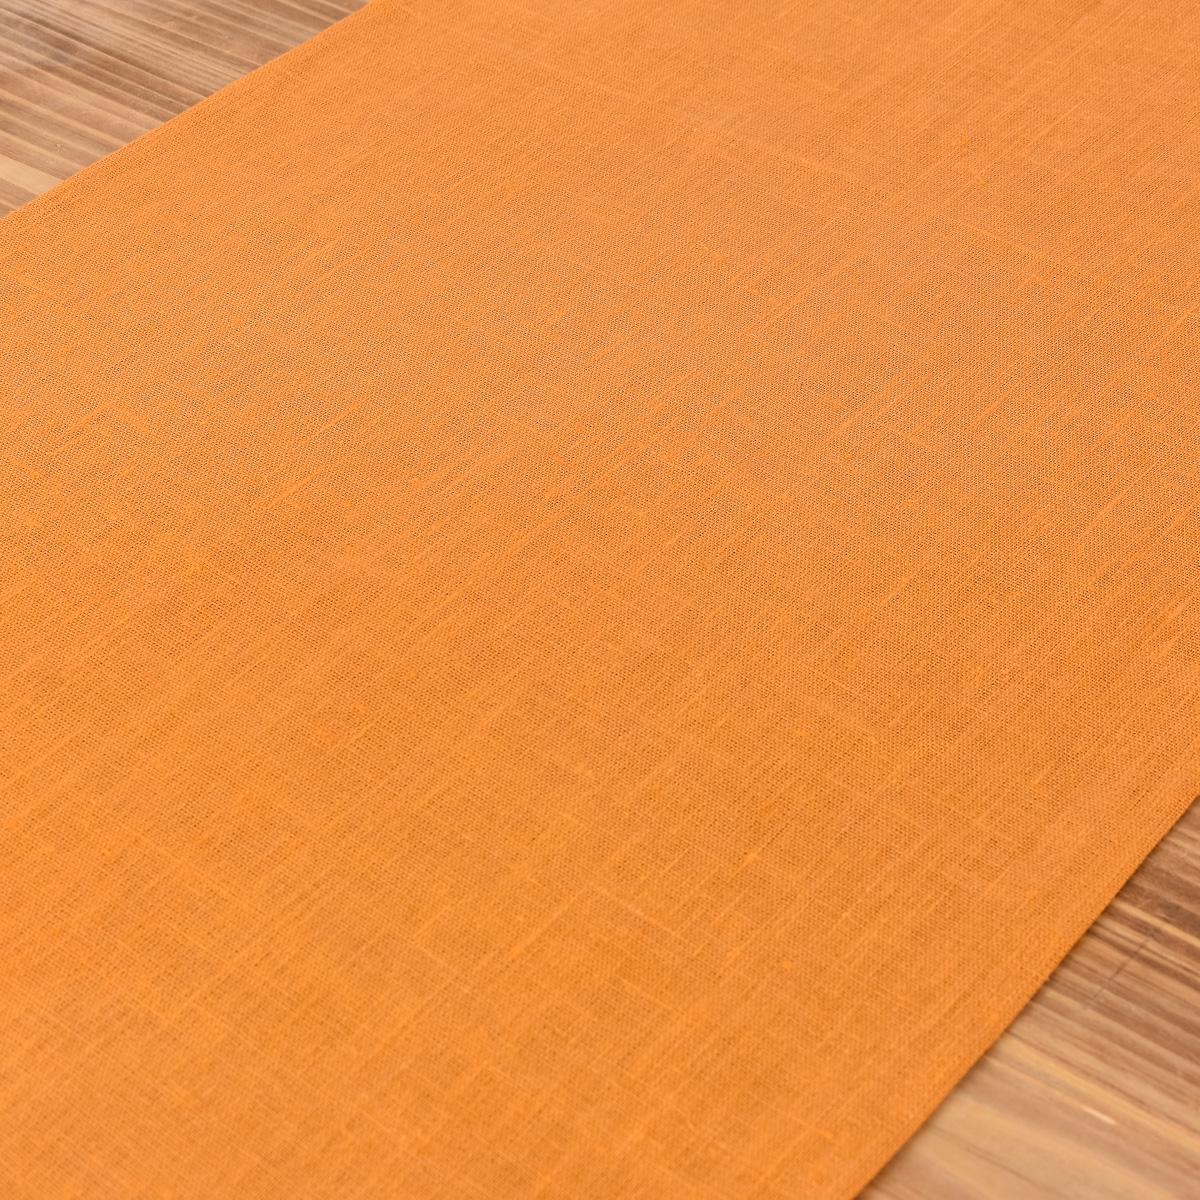 leinentischl ufer tischl ufer erik 1 lagig 47x150cm dunkelgelb ocker inspirationen stilwelten. Black Bedroom Furniture Sets. Home Design Ideas